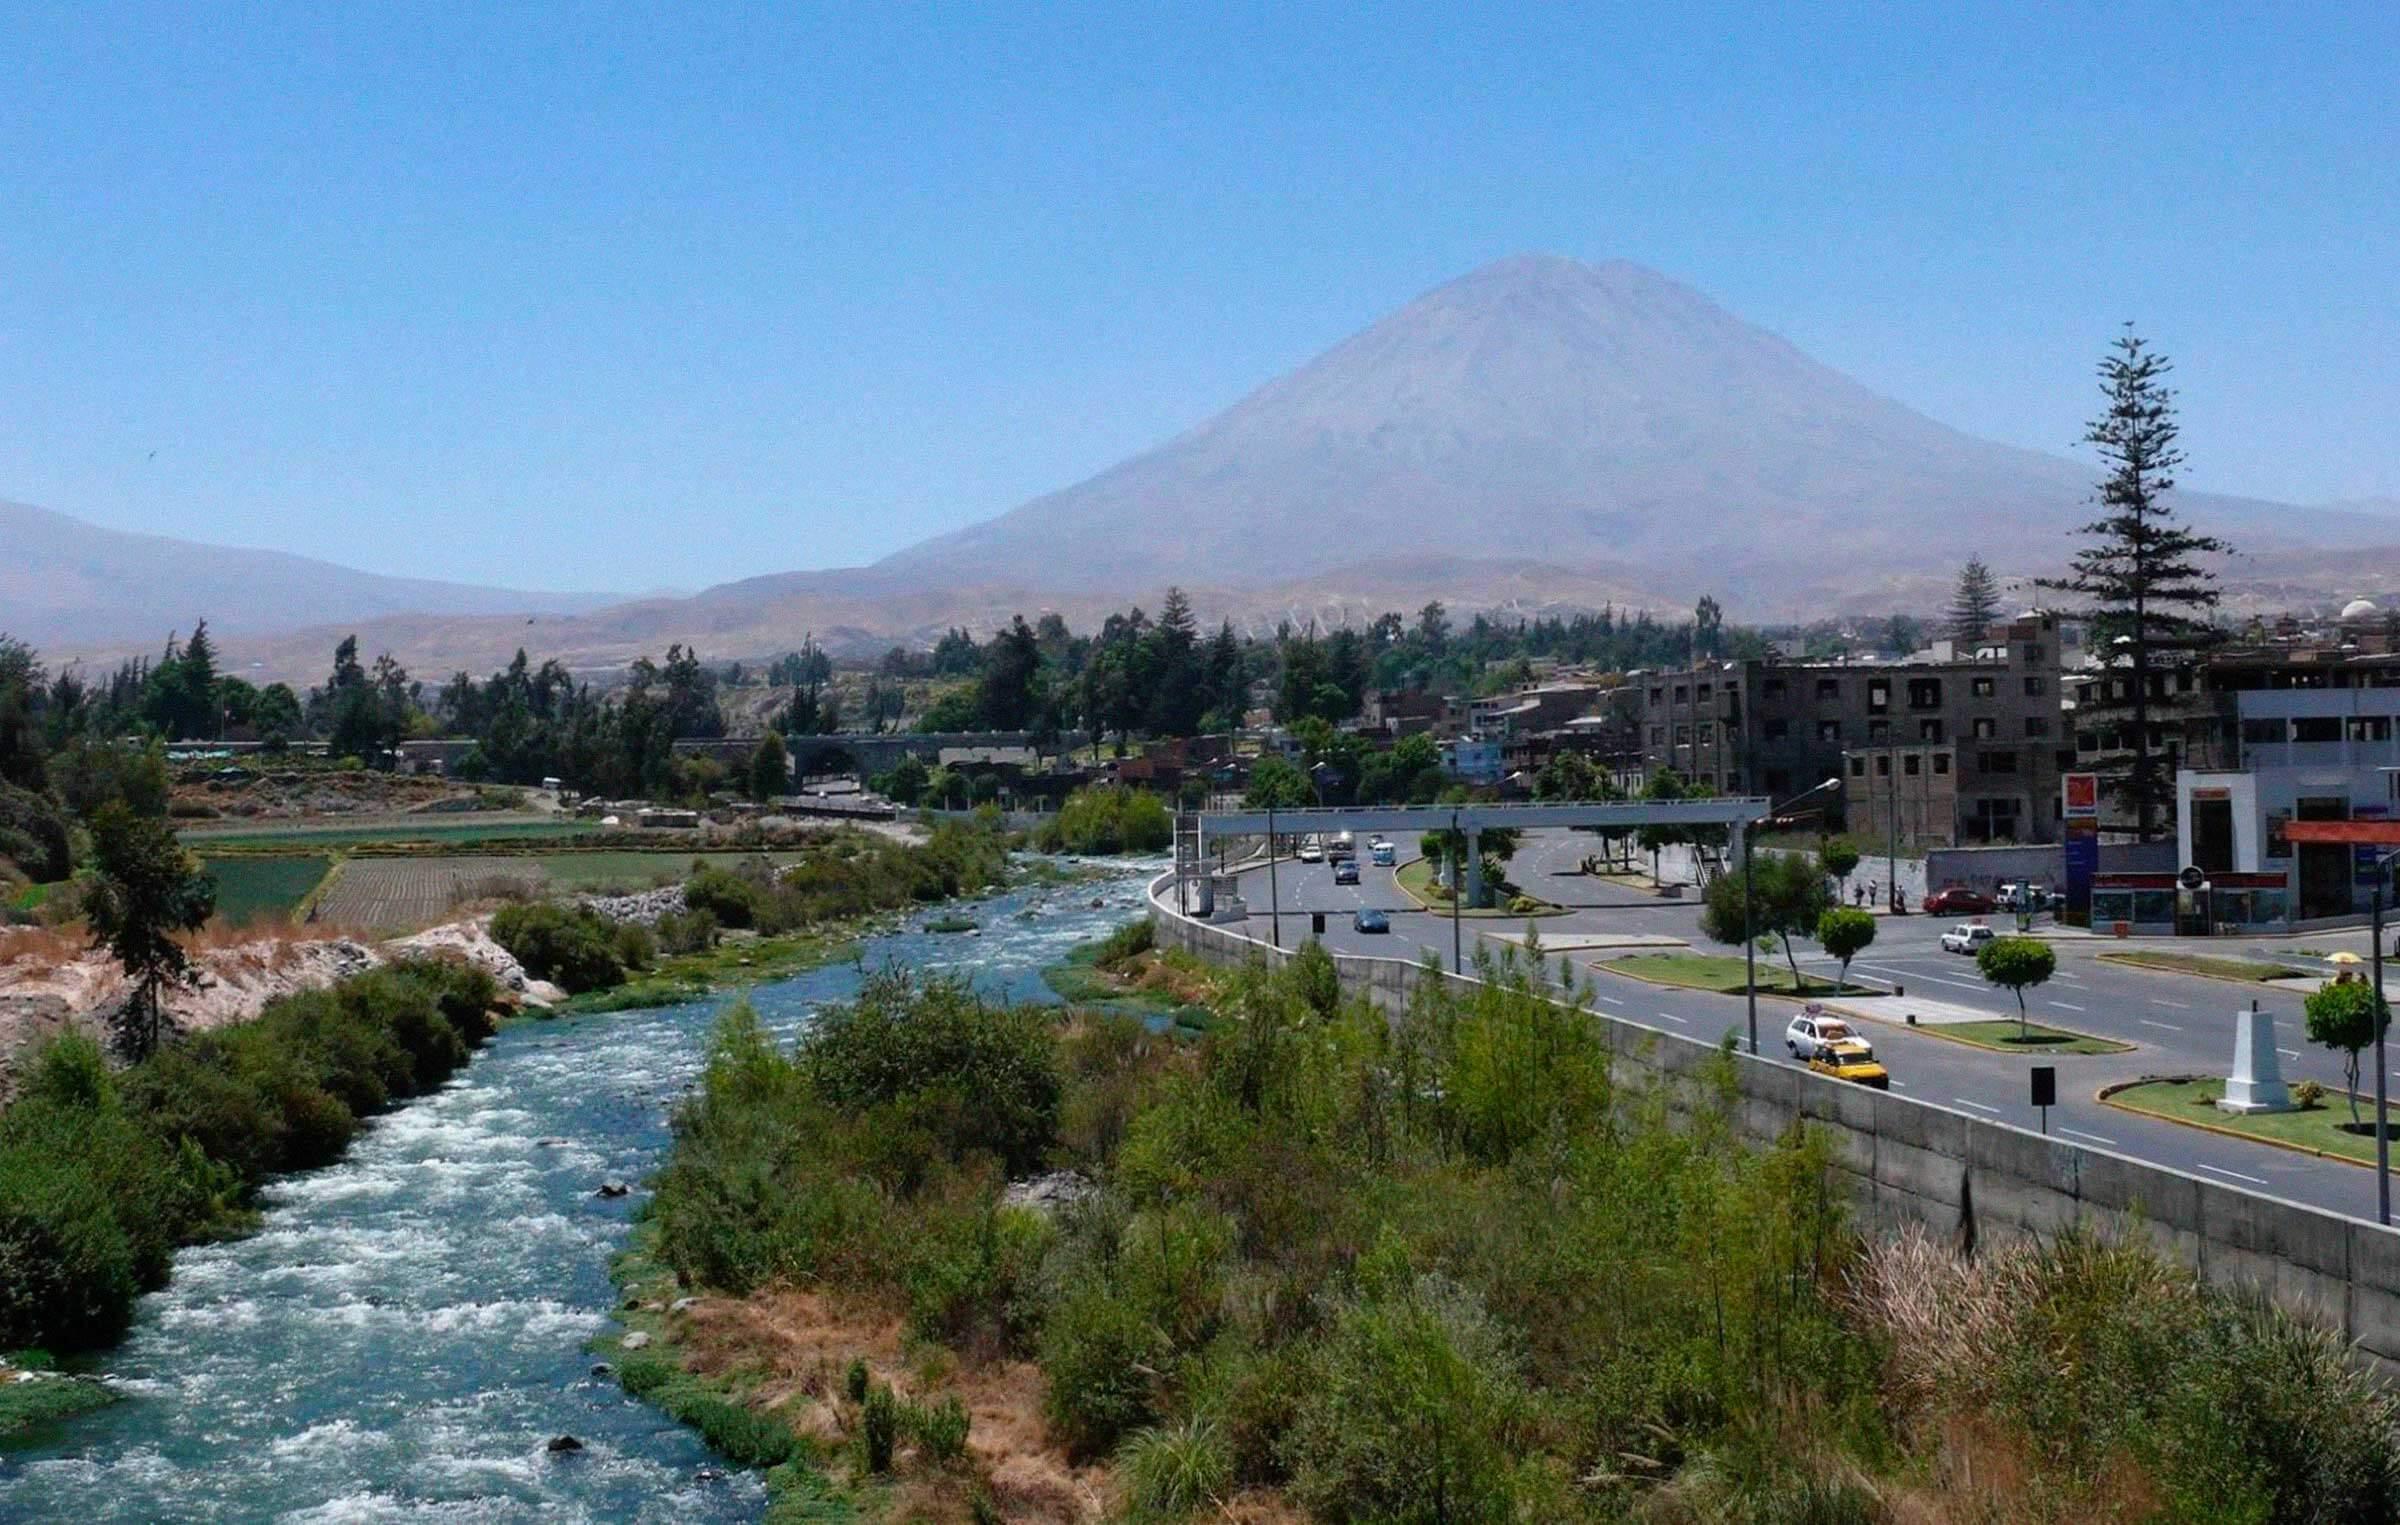 life-vertalim-paisaje-monte-rio-carretera-azti